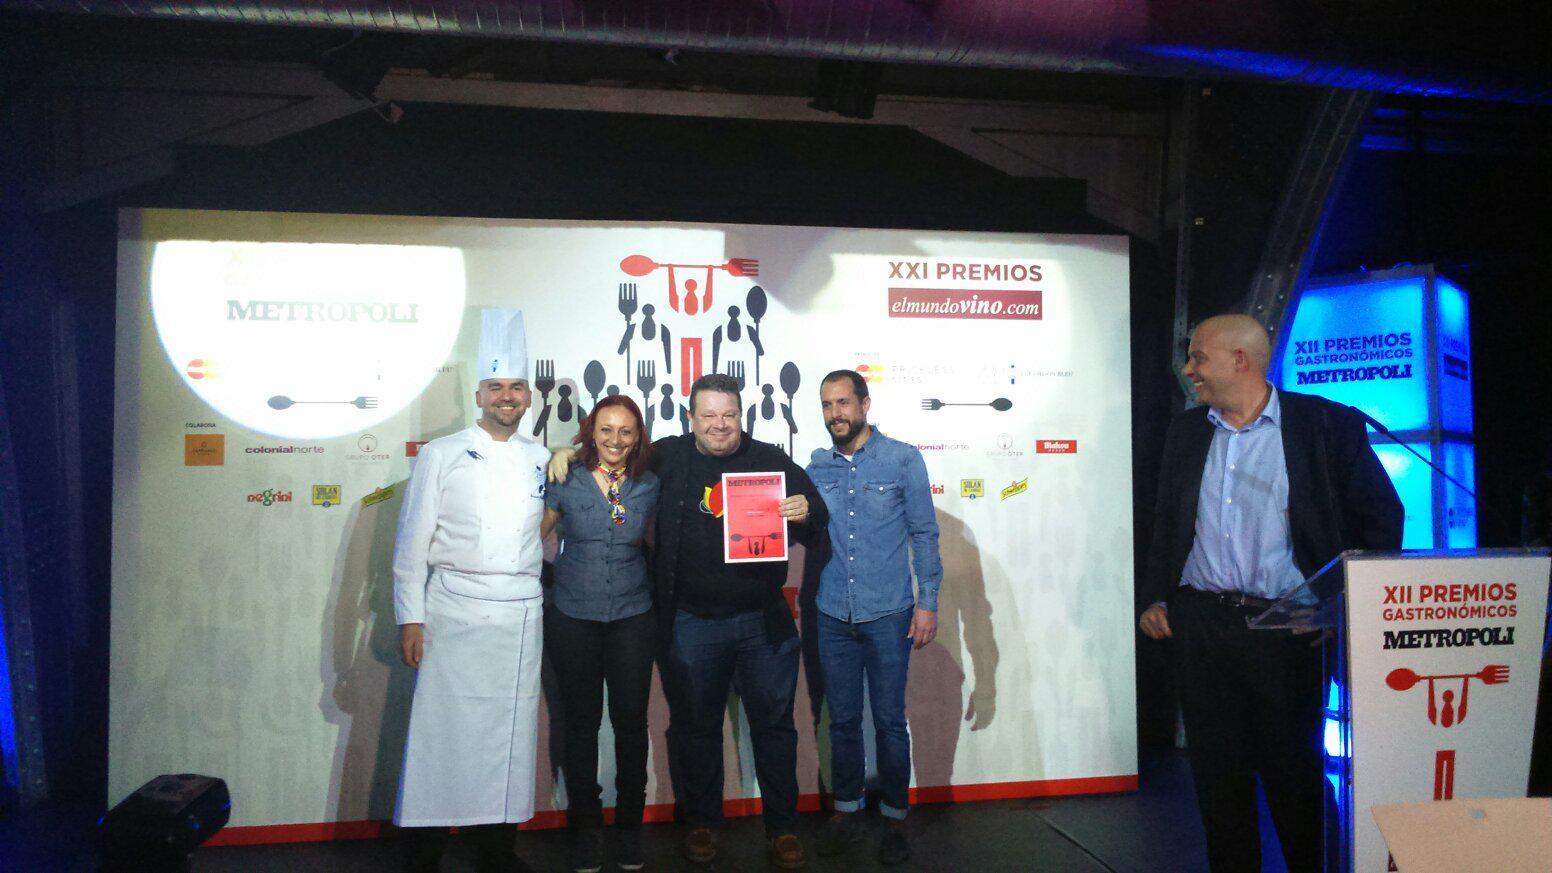 Premios Gastronómicos Metropoli